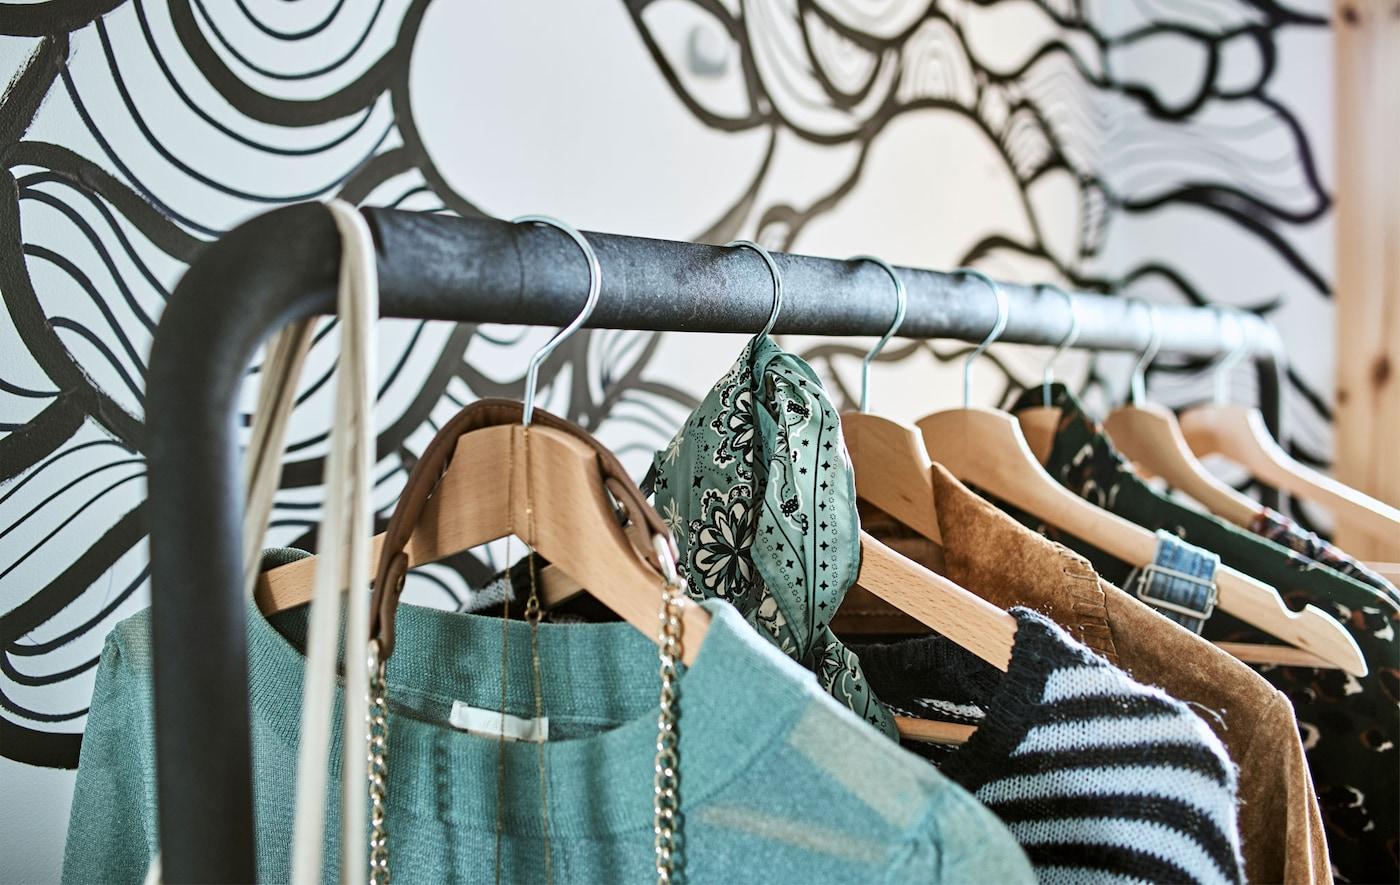 Haine suspendate de umerașe de lemn pe o șină de haine în fața unui tapet cu onduleuri alb-negru.